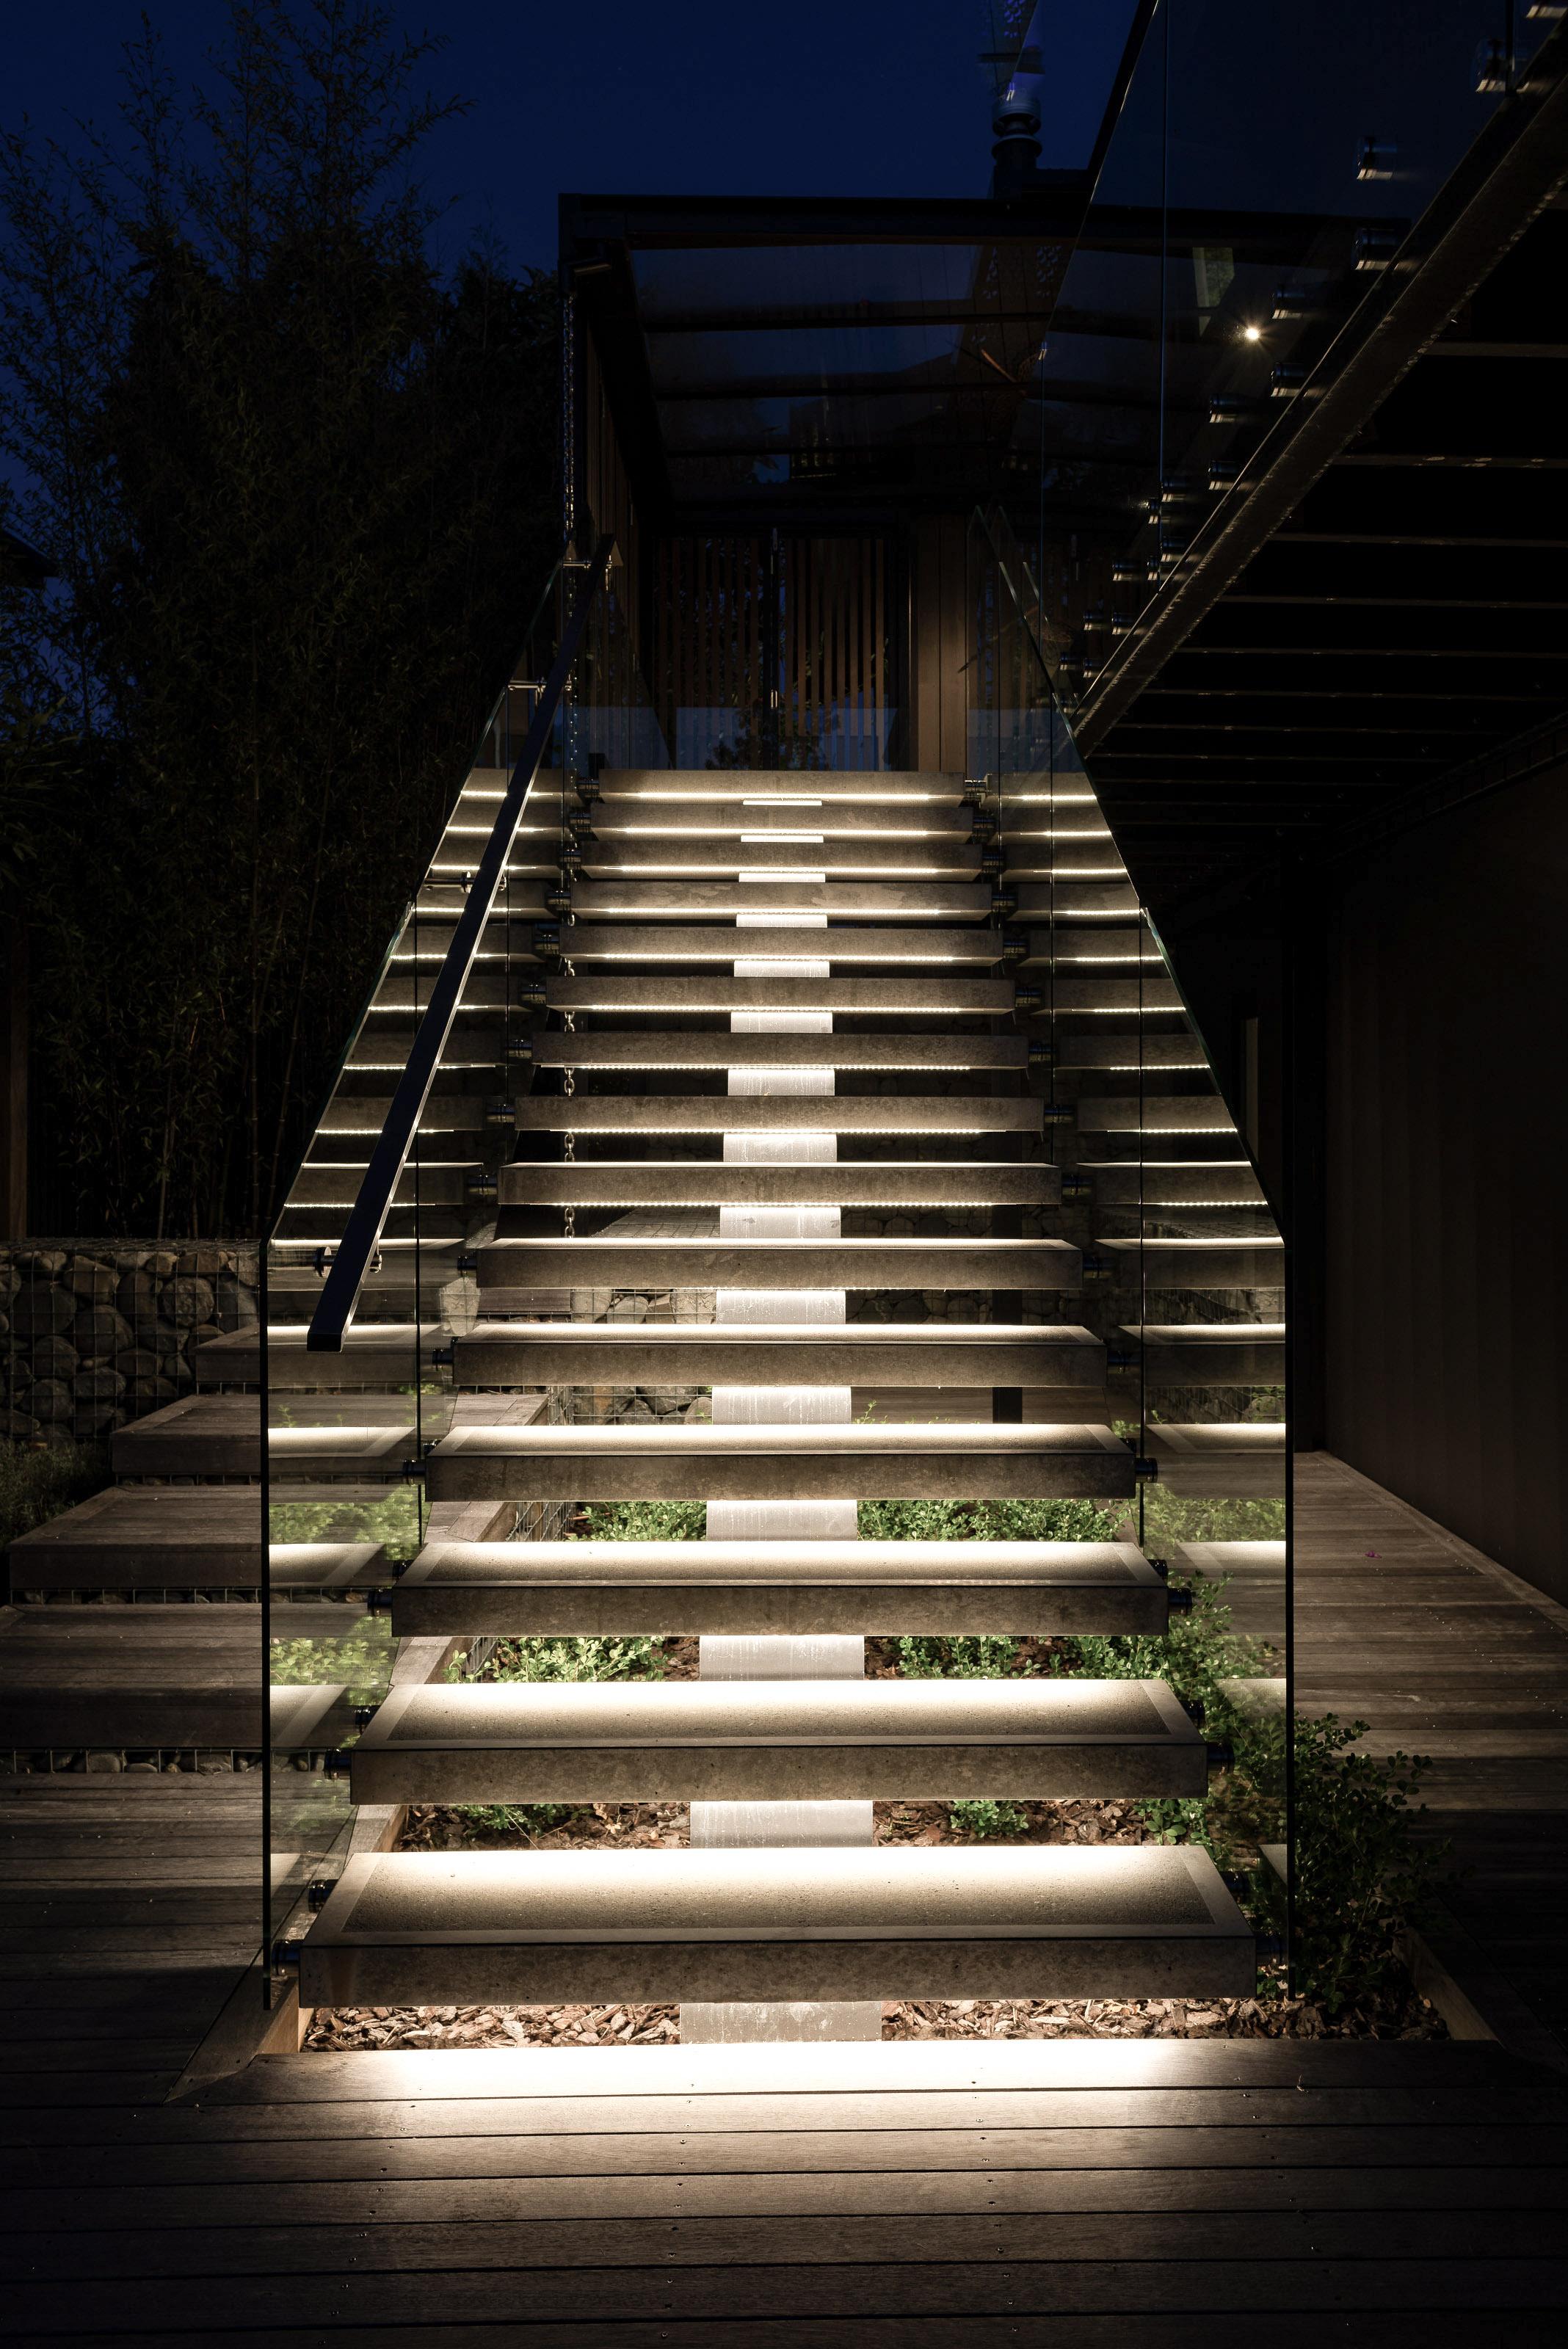 STAIRS_72.jpg